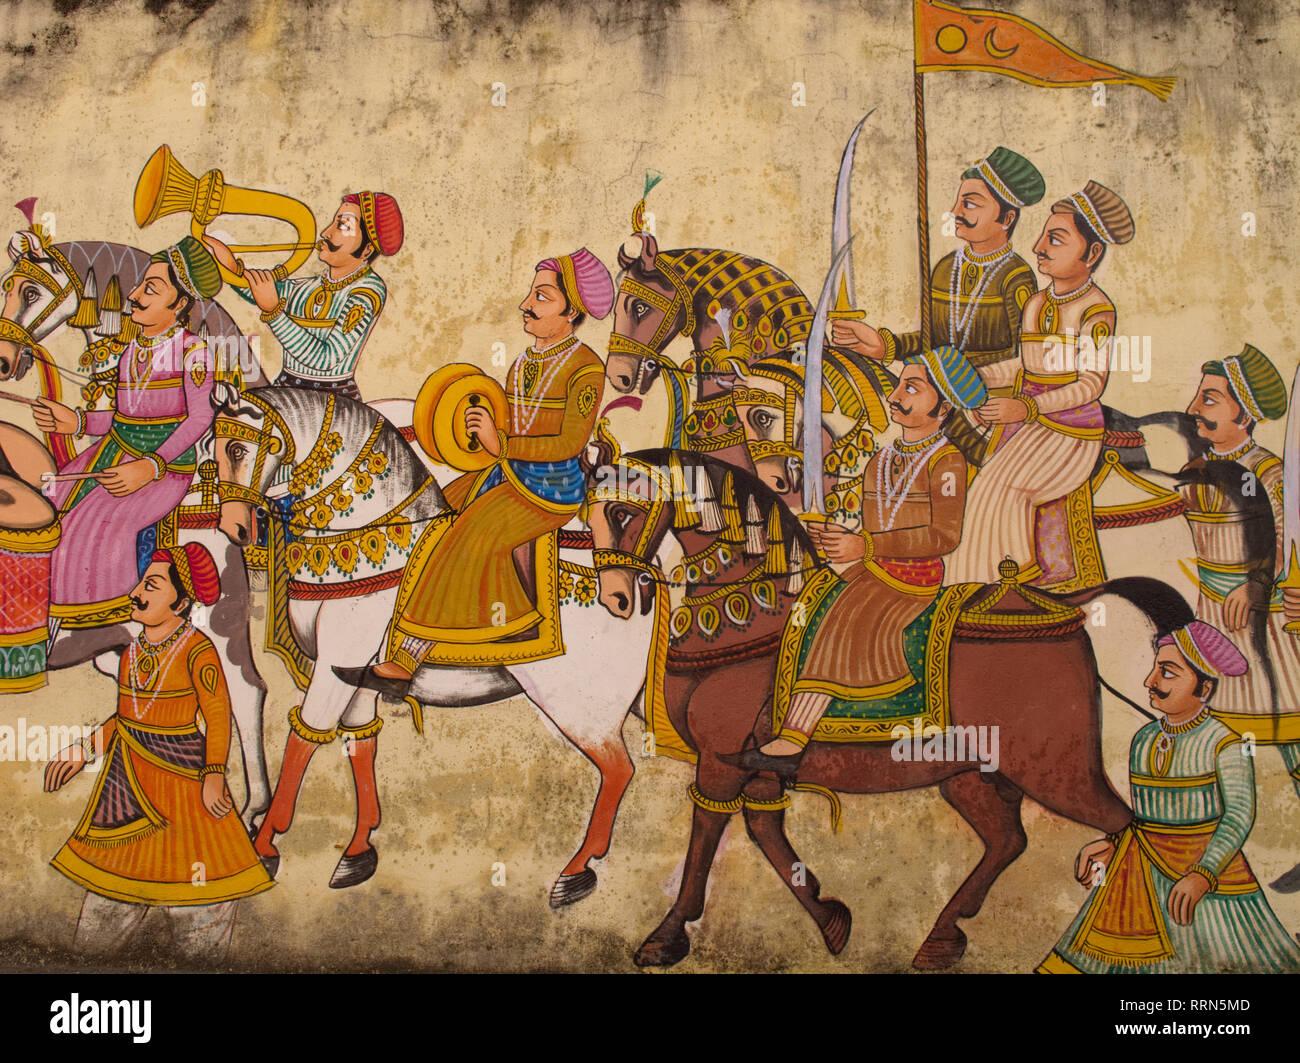 Un muro dipinto in un hotel in Udaipur, Rajasthan, India, visualizzazione di un corteo reale con Rajput di soldati e musicisti Immagini Stock